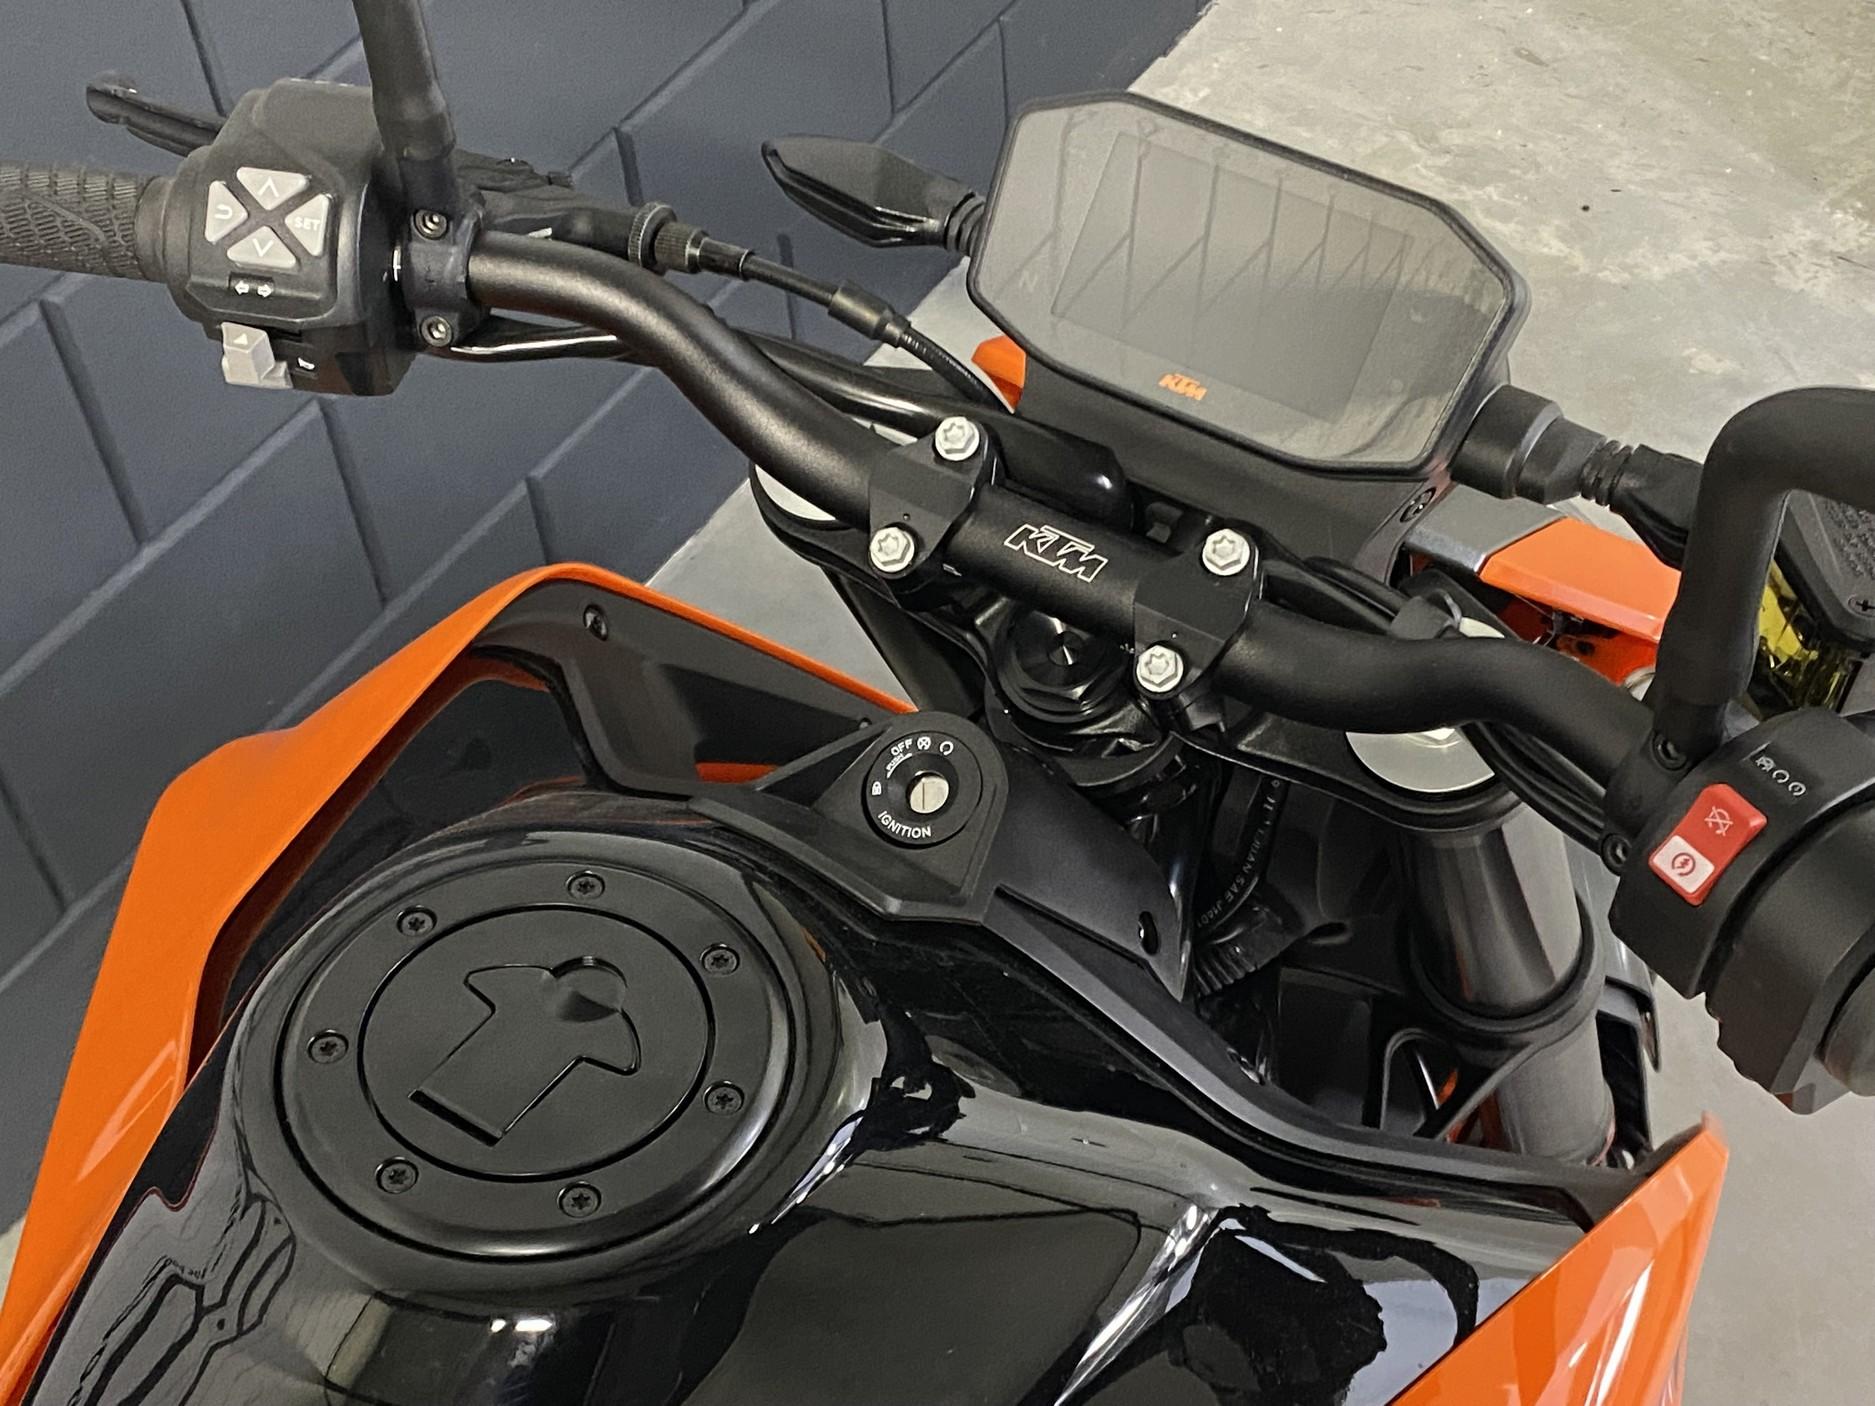 KTM 790 DUKE ABS